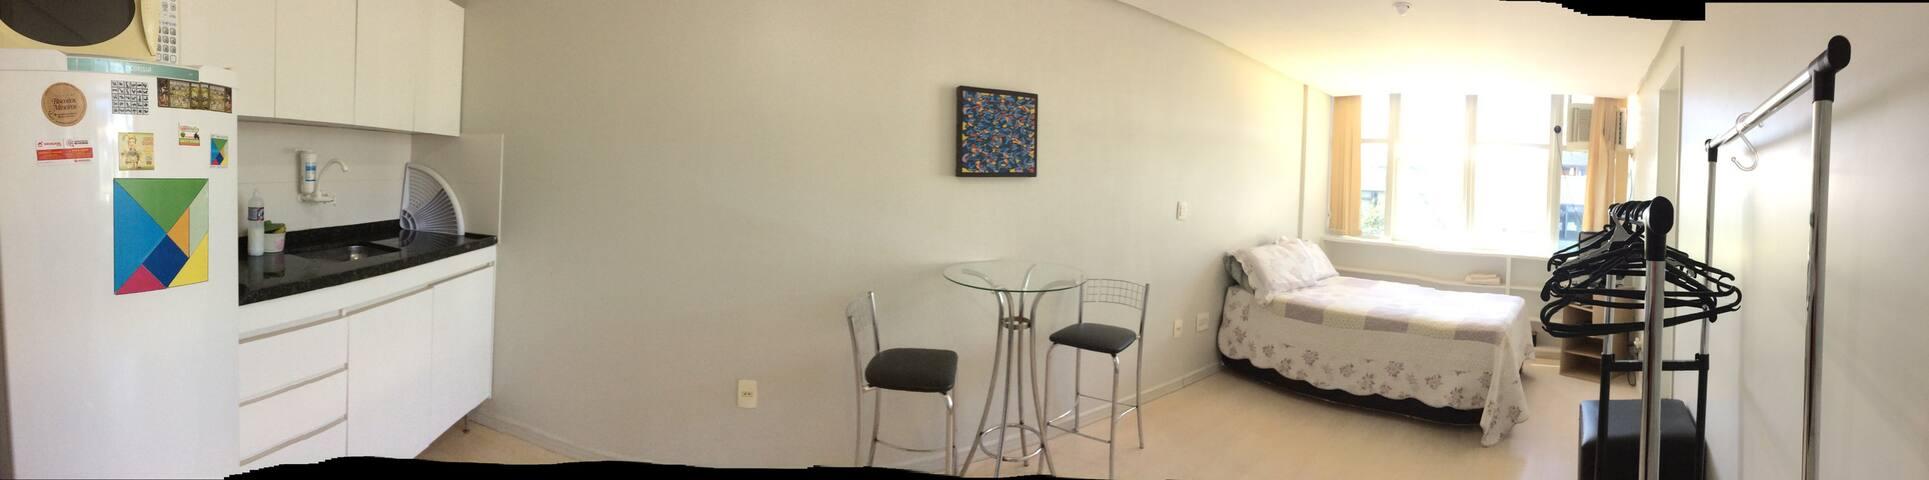 Pequeno espaço, bem localizado. - Brasília - Appartement